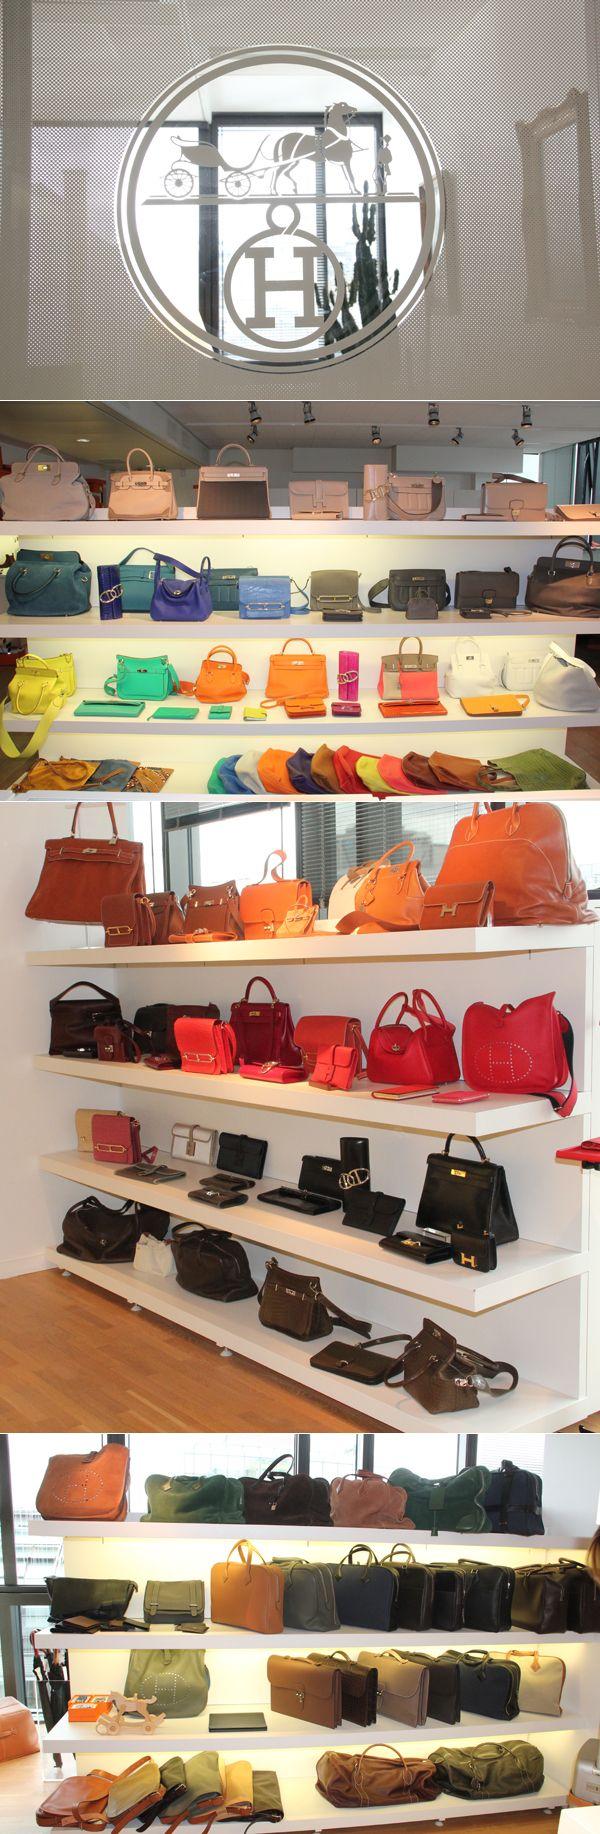 O incrível showroom da Hermès em Paris.  São tantos modelos e variações incríveis das bolsas (das mais conhecidas às menos) que fica difícil até focar! Vejam se não é de enlouquecer.